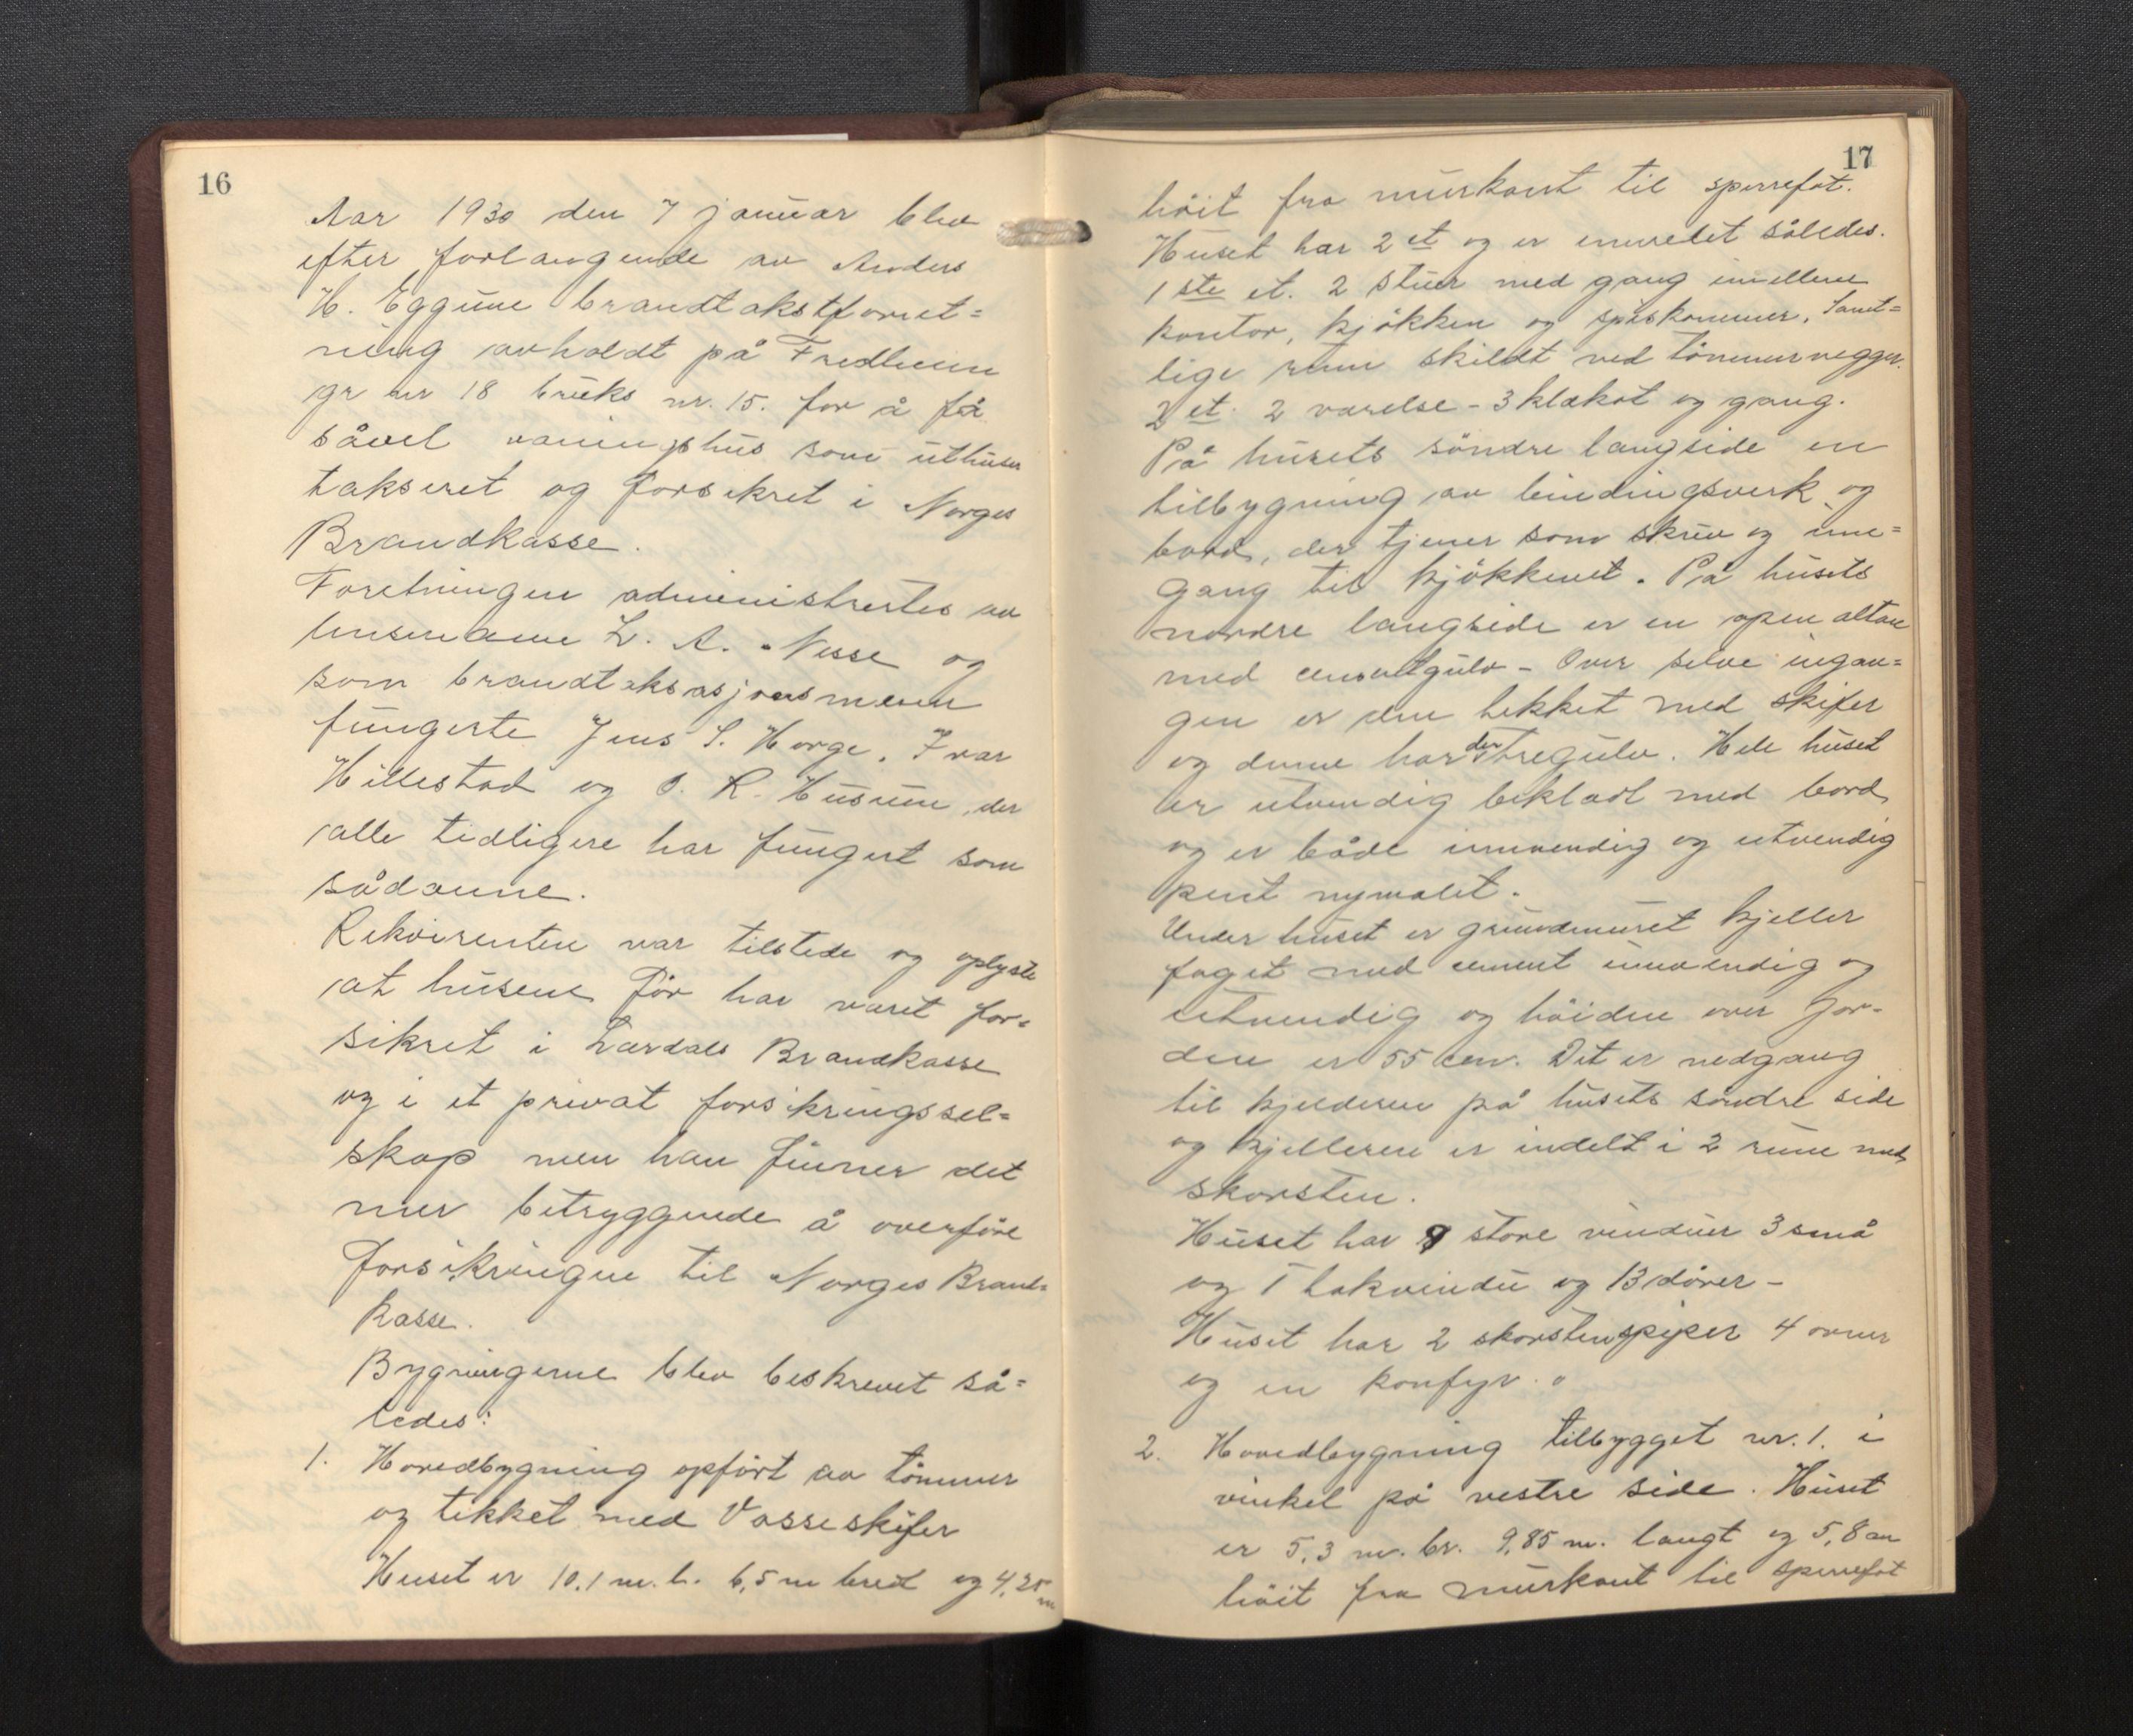 SAB, Lensmannen i Borgund, 0012/L0002: Branntakstprotokoll, 1929-1933, s. 16-17